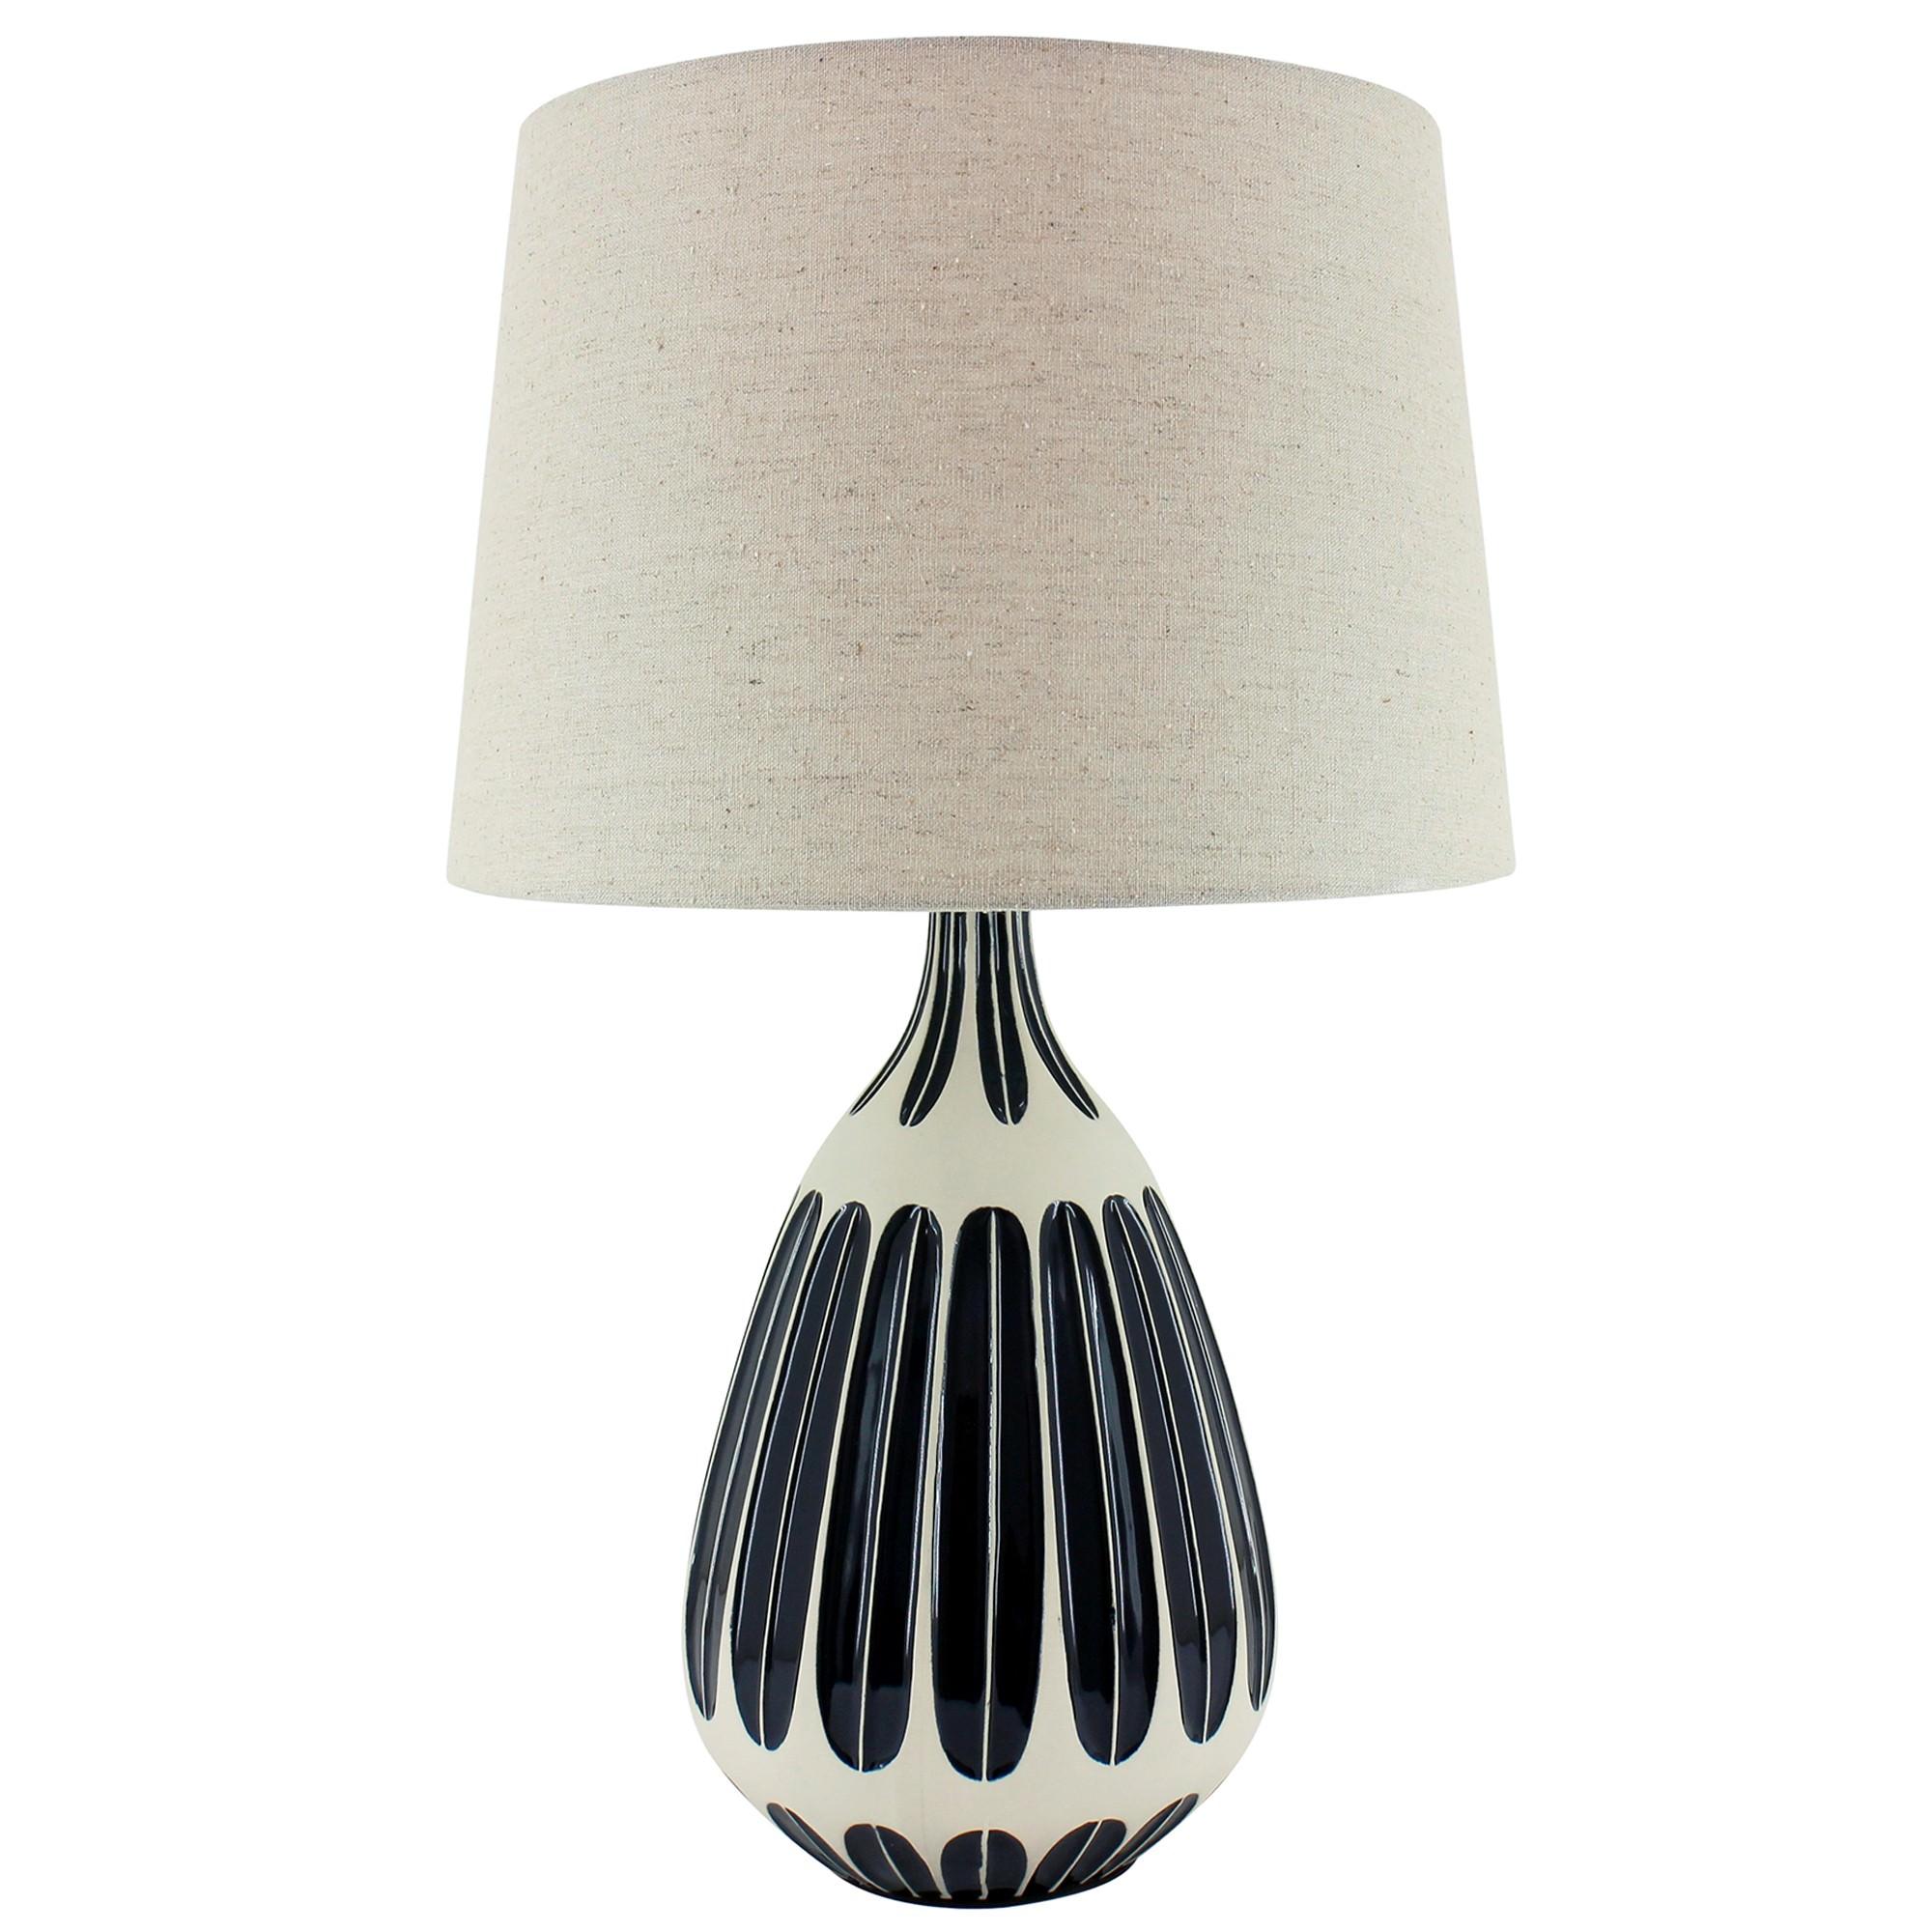 Zia Ceramic Base Table Lamp, Navy